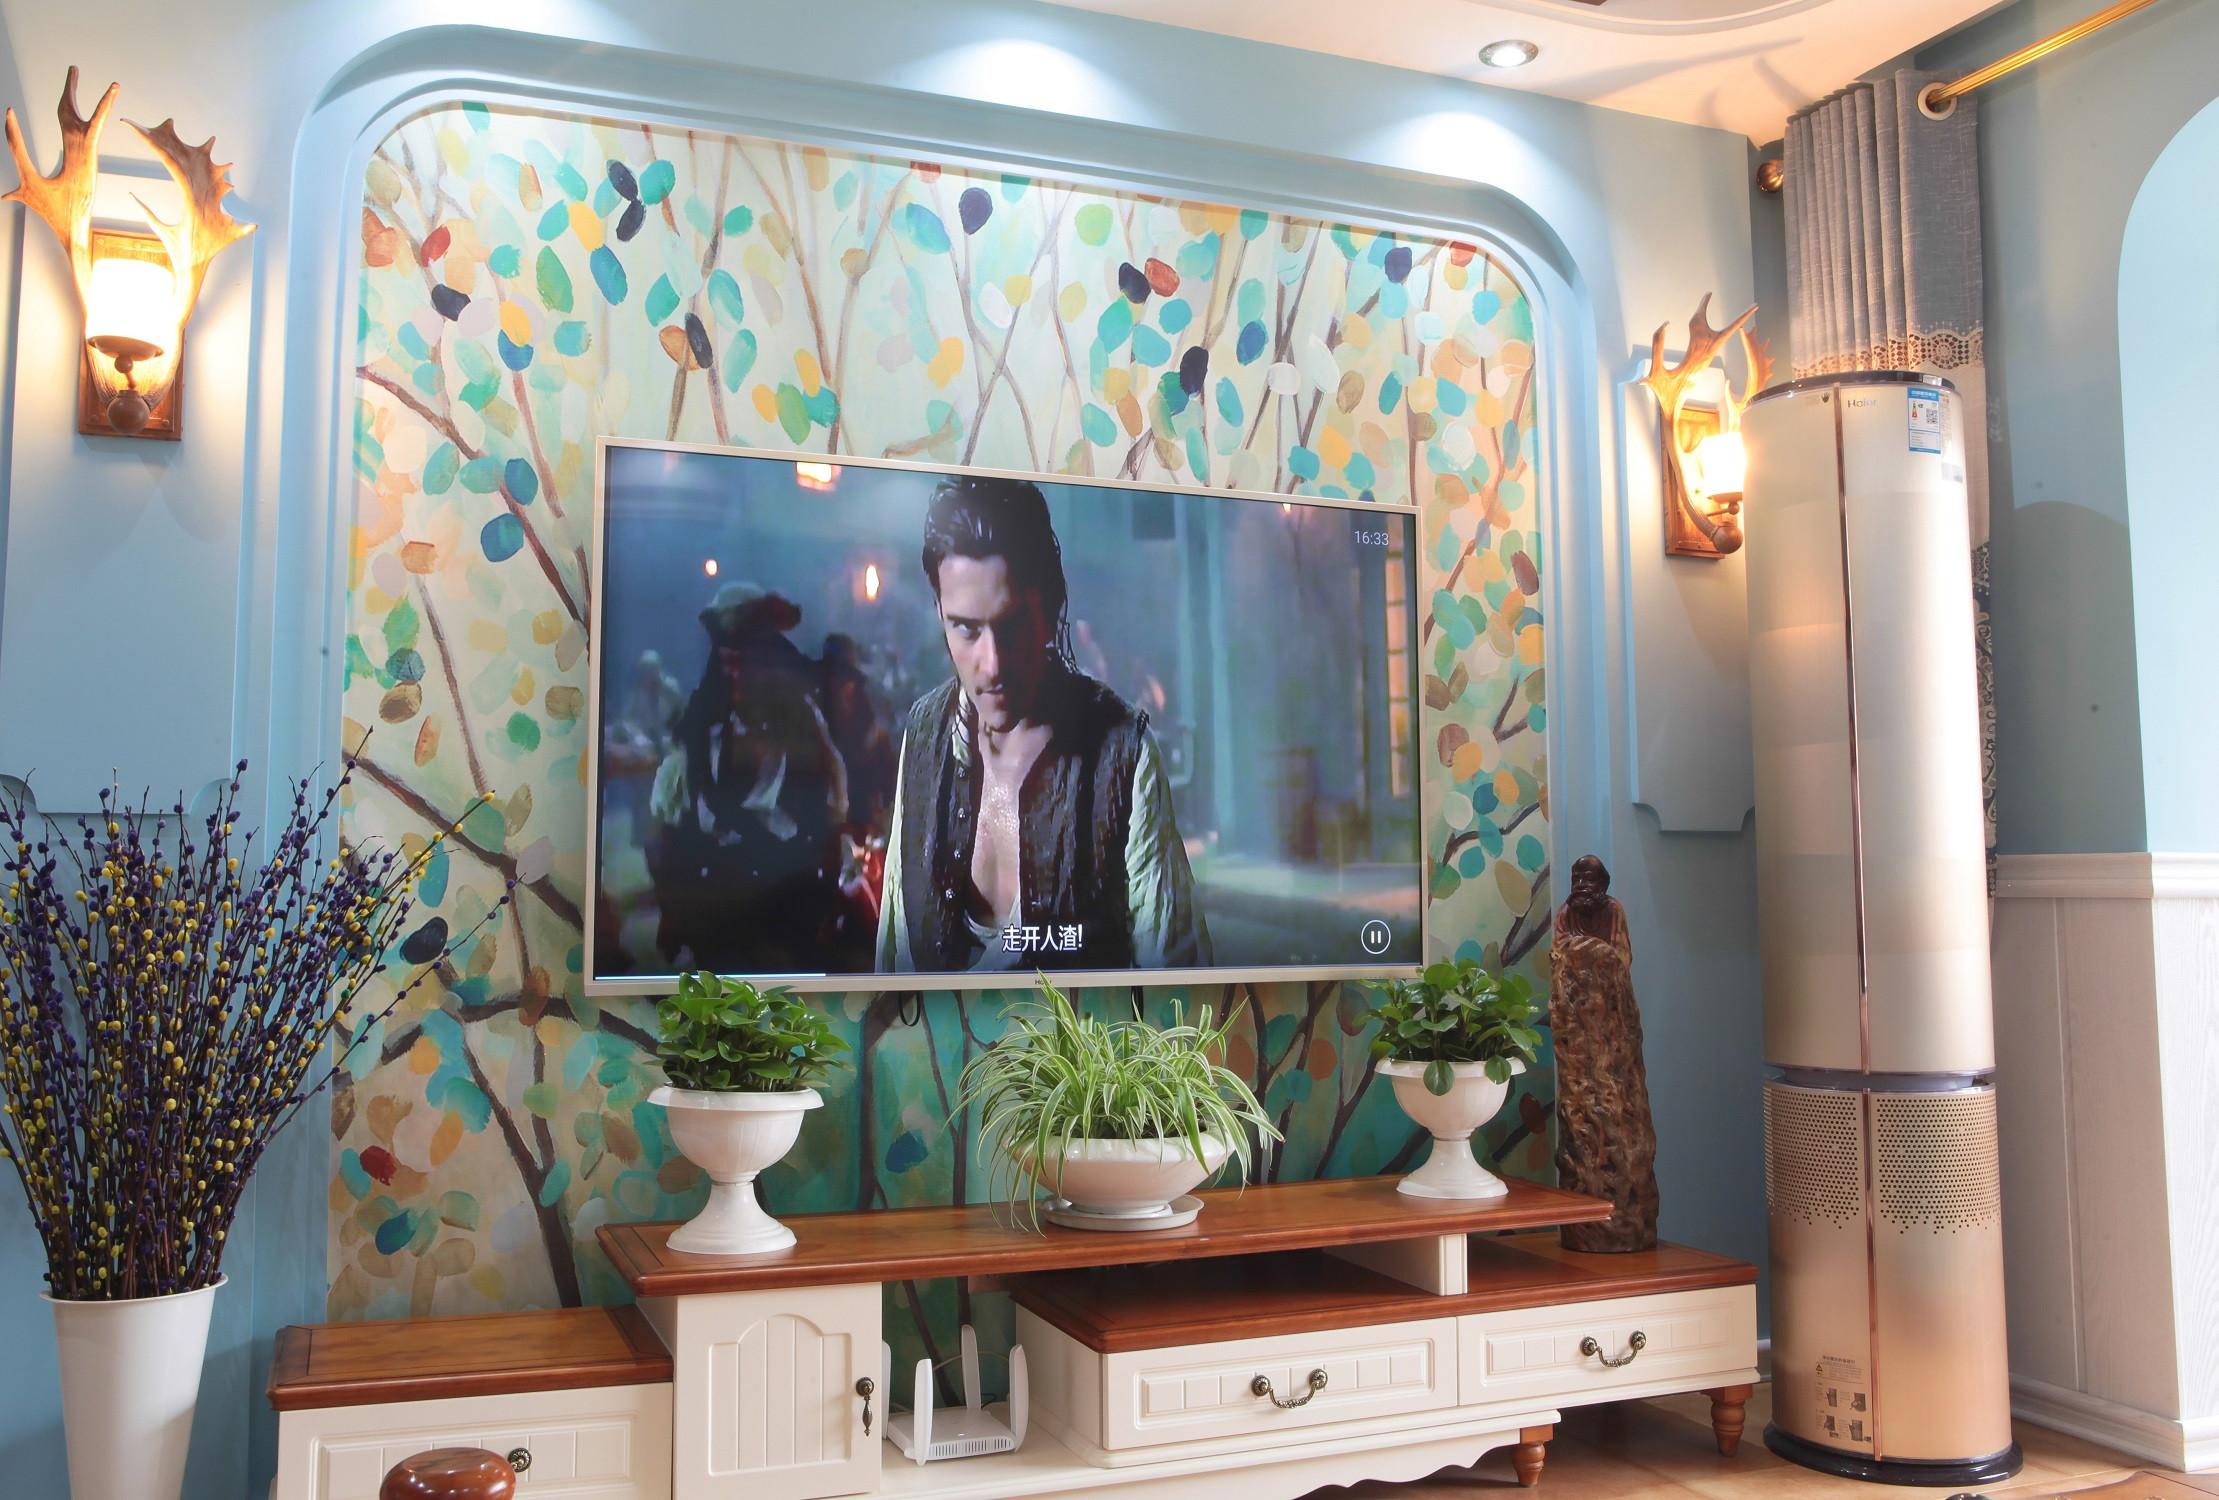 110㎡地中海风格装修电视背景墙图片